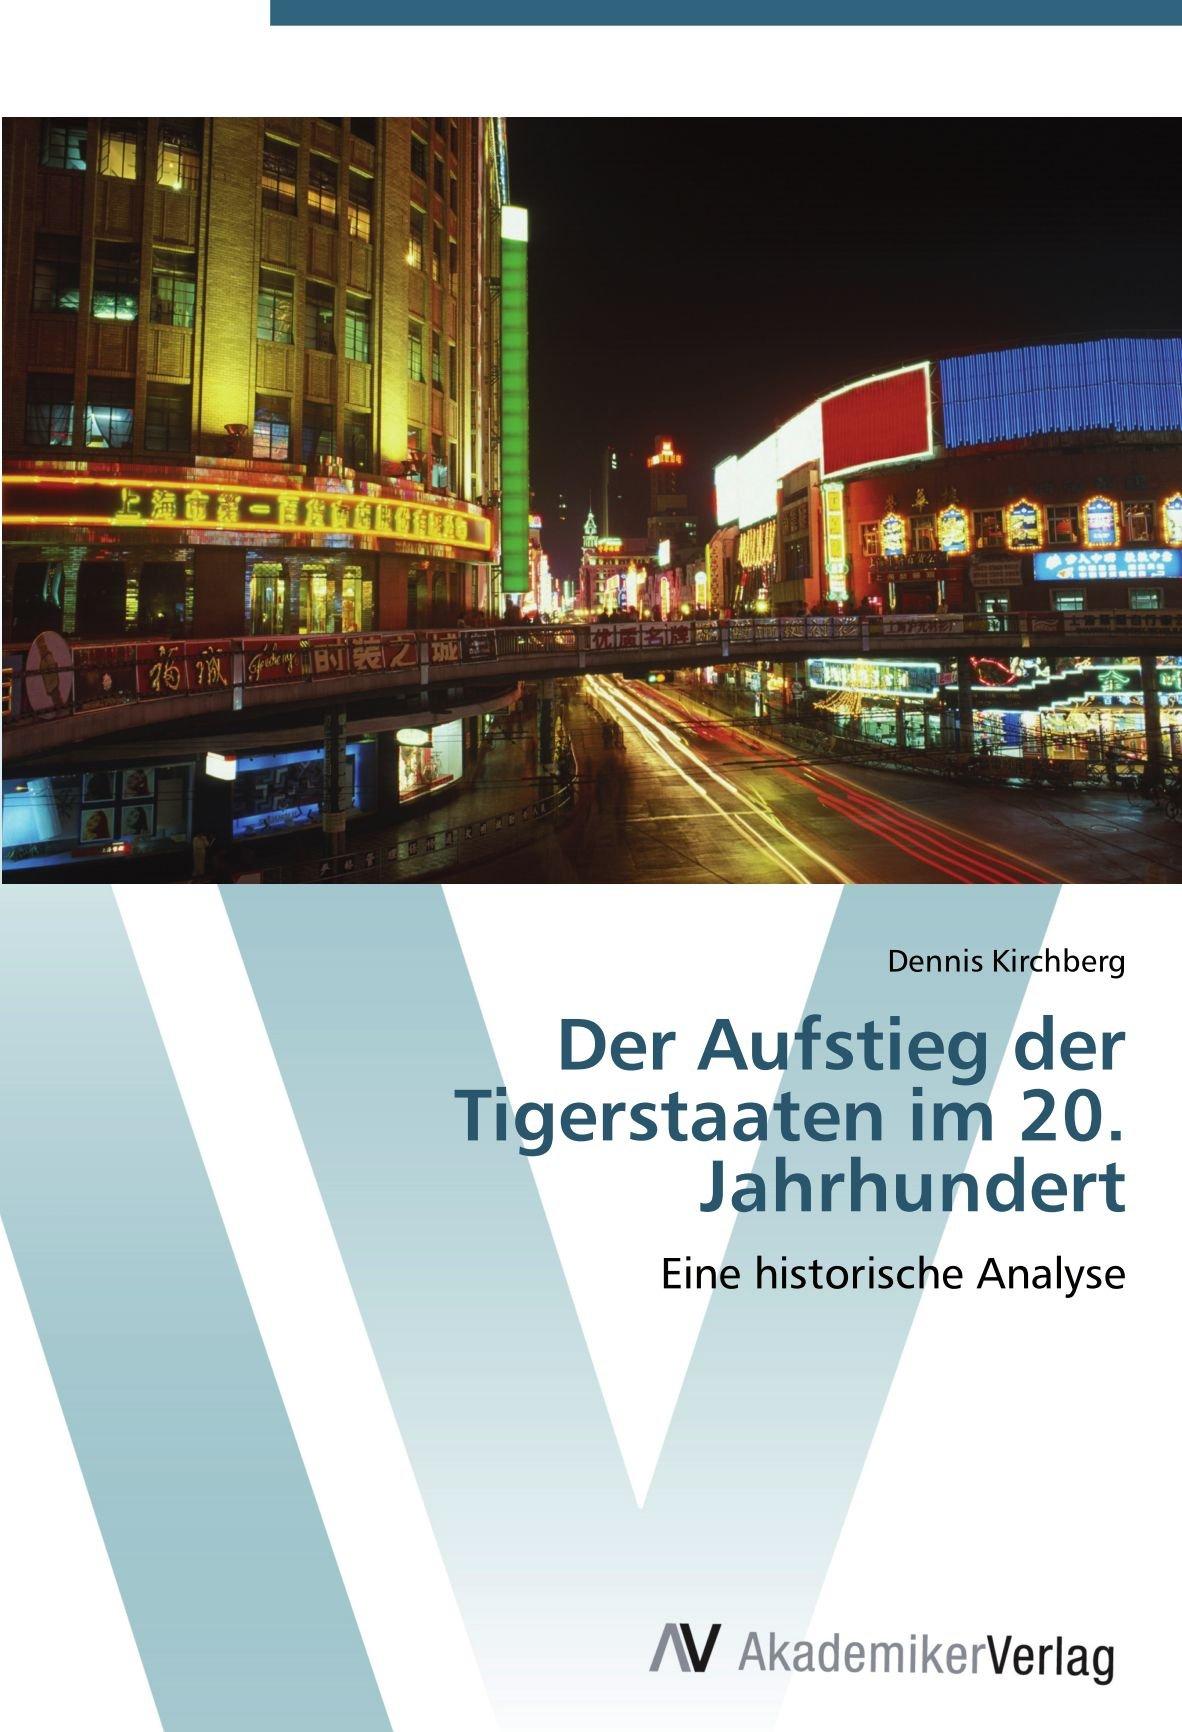 Der Aufstieg der Tigerstaaten im 20. Jahrhundert: Eine historische Analyse